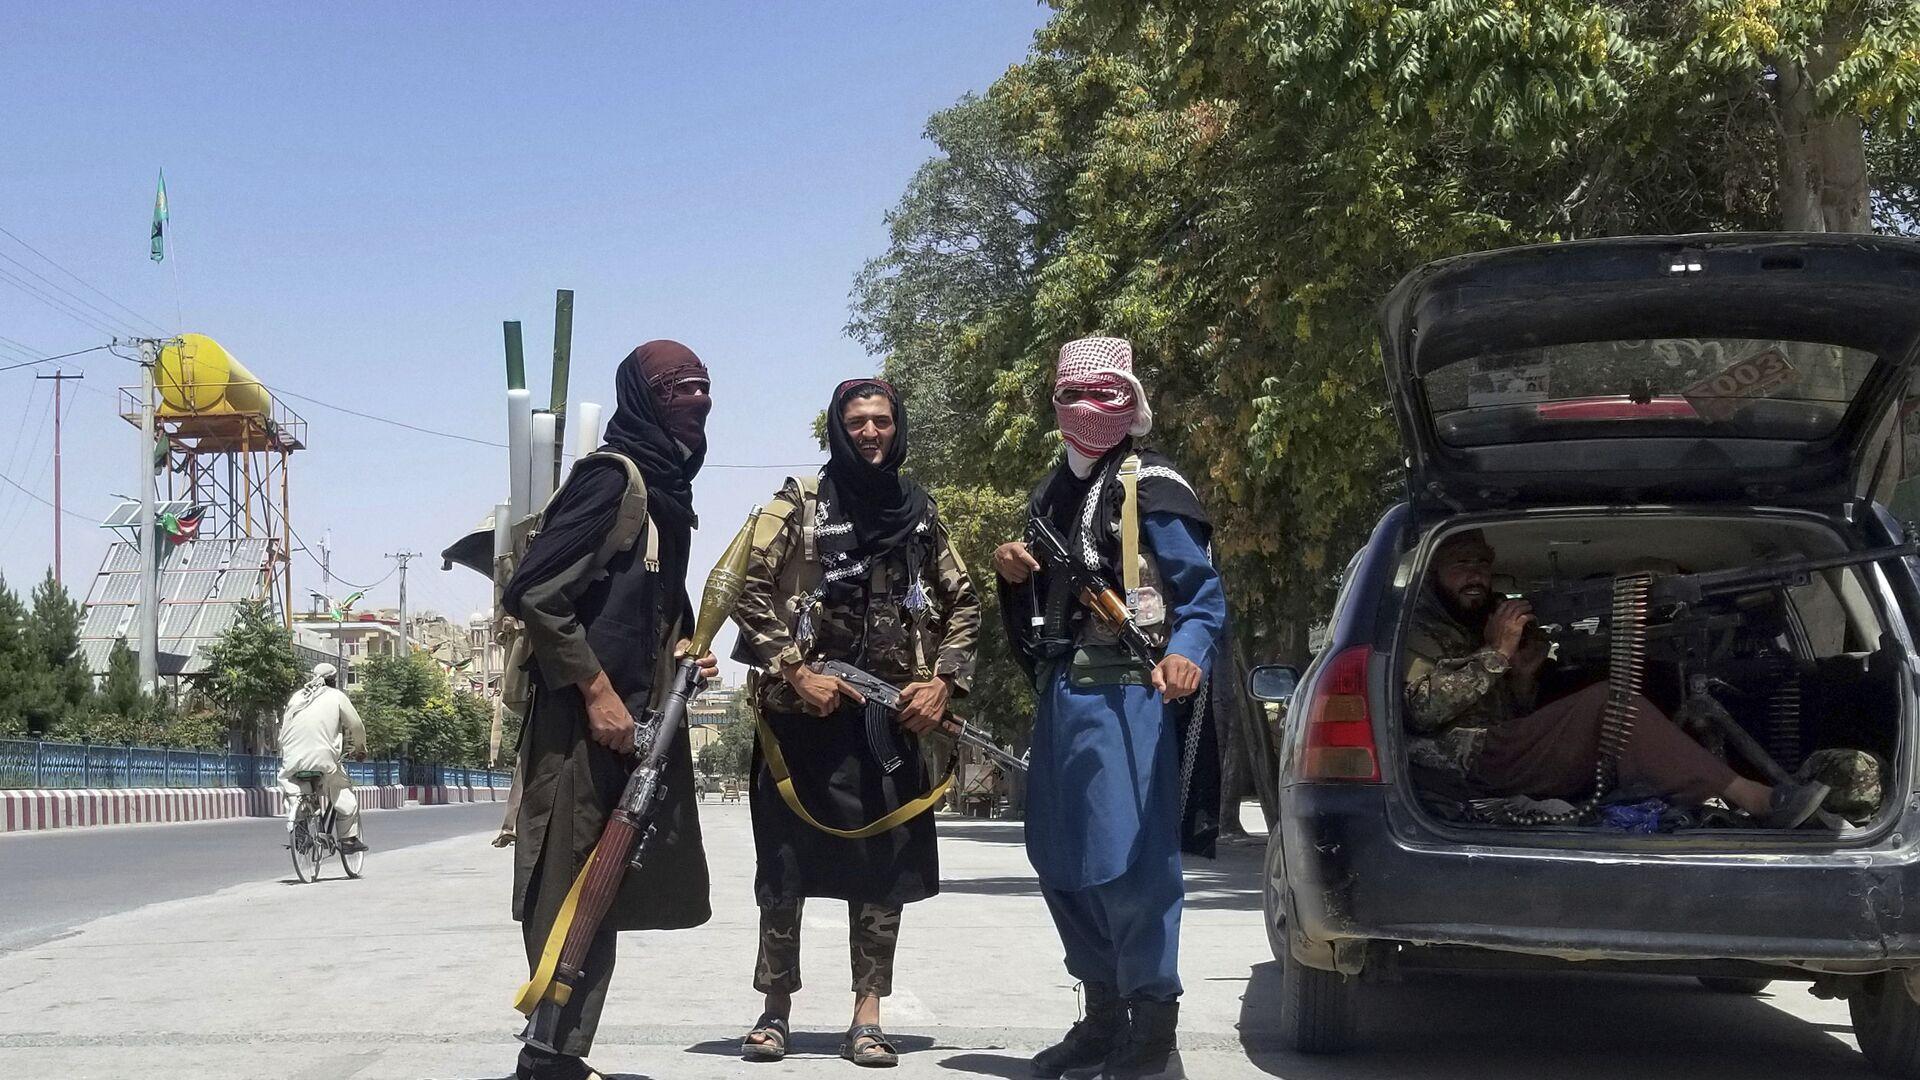 I talebani (organizzazione terroristica vietata in Russia) nella città di Ghazni - Sputnik Italia, 1920, 23.08.2021